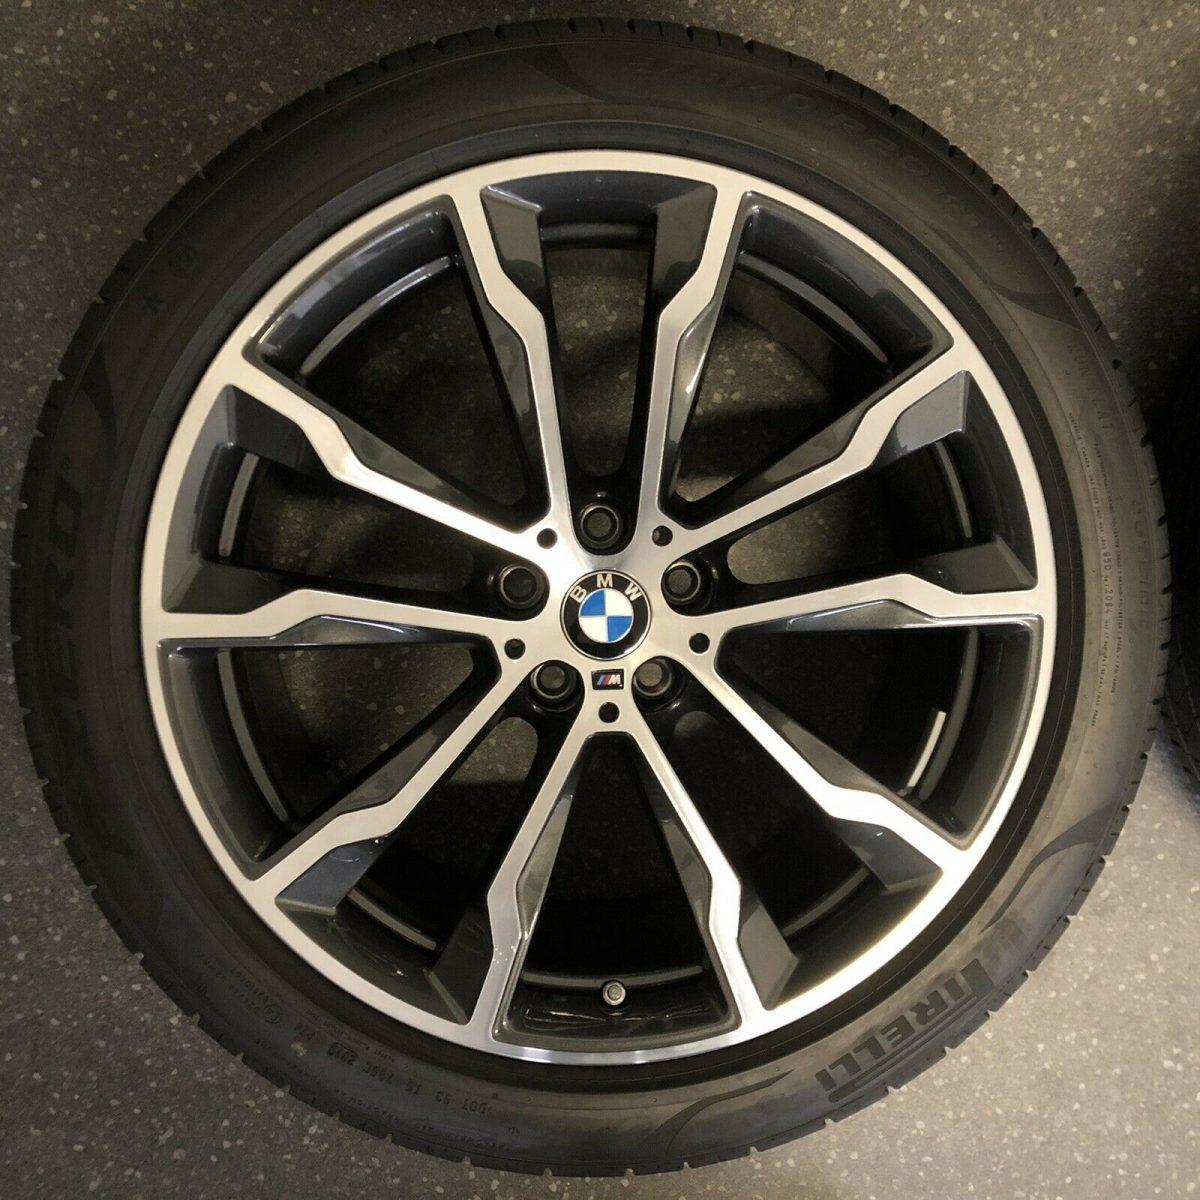 Gyári alufelni BMW X3-X4 G01-G02 (699M Styl) 8X20-9,5X20 5X112 alufelni új nyári garnitúra! Bridgestone defekttűrő gumikkal,nyomásszenzorral! 1